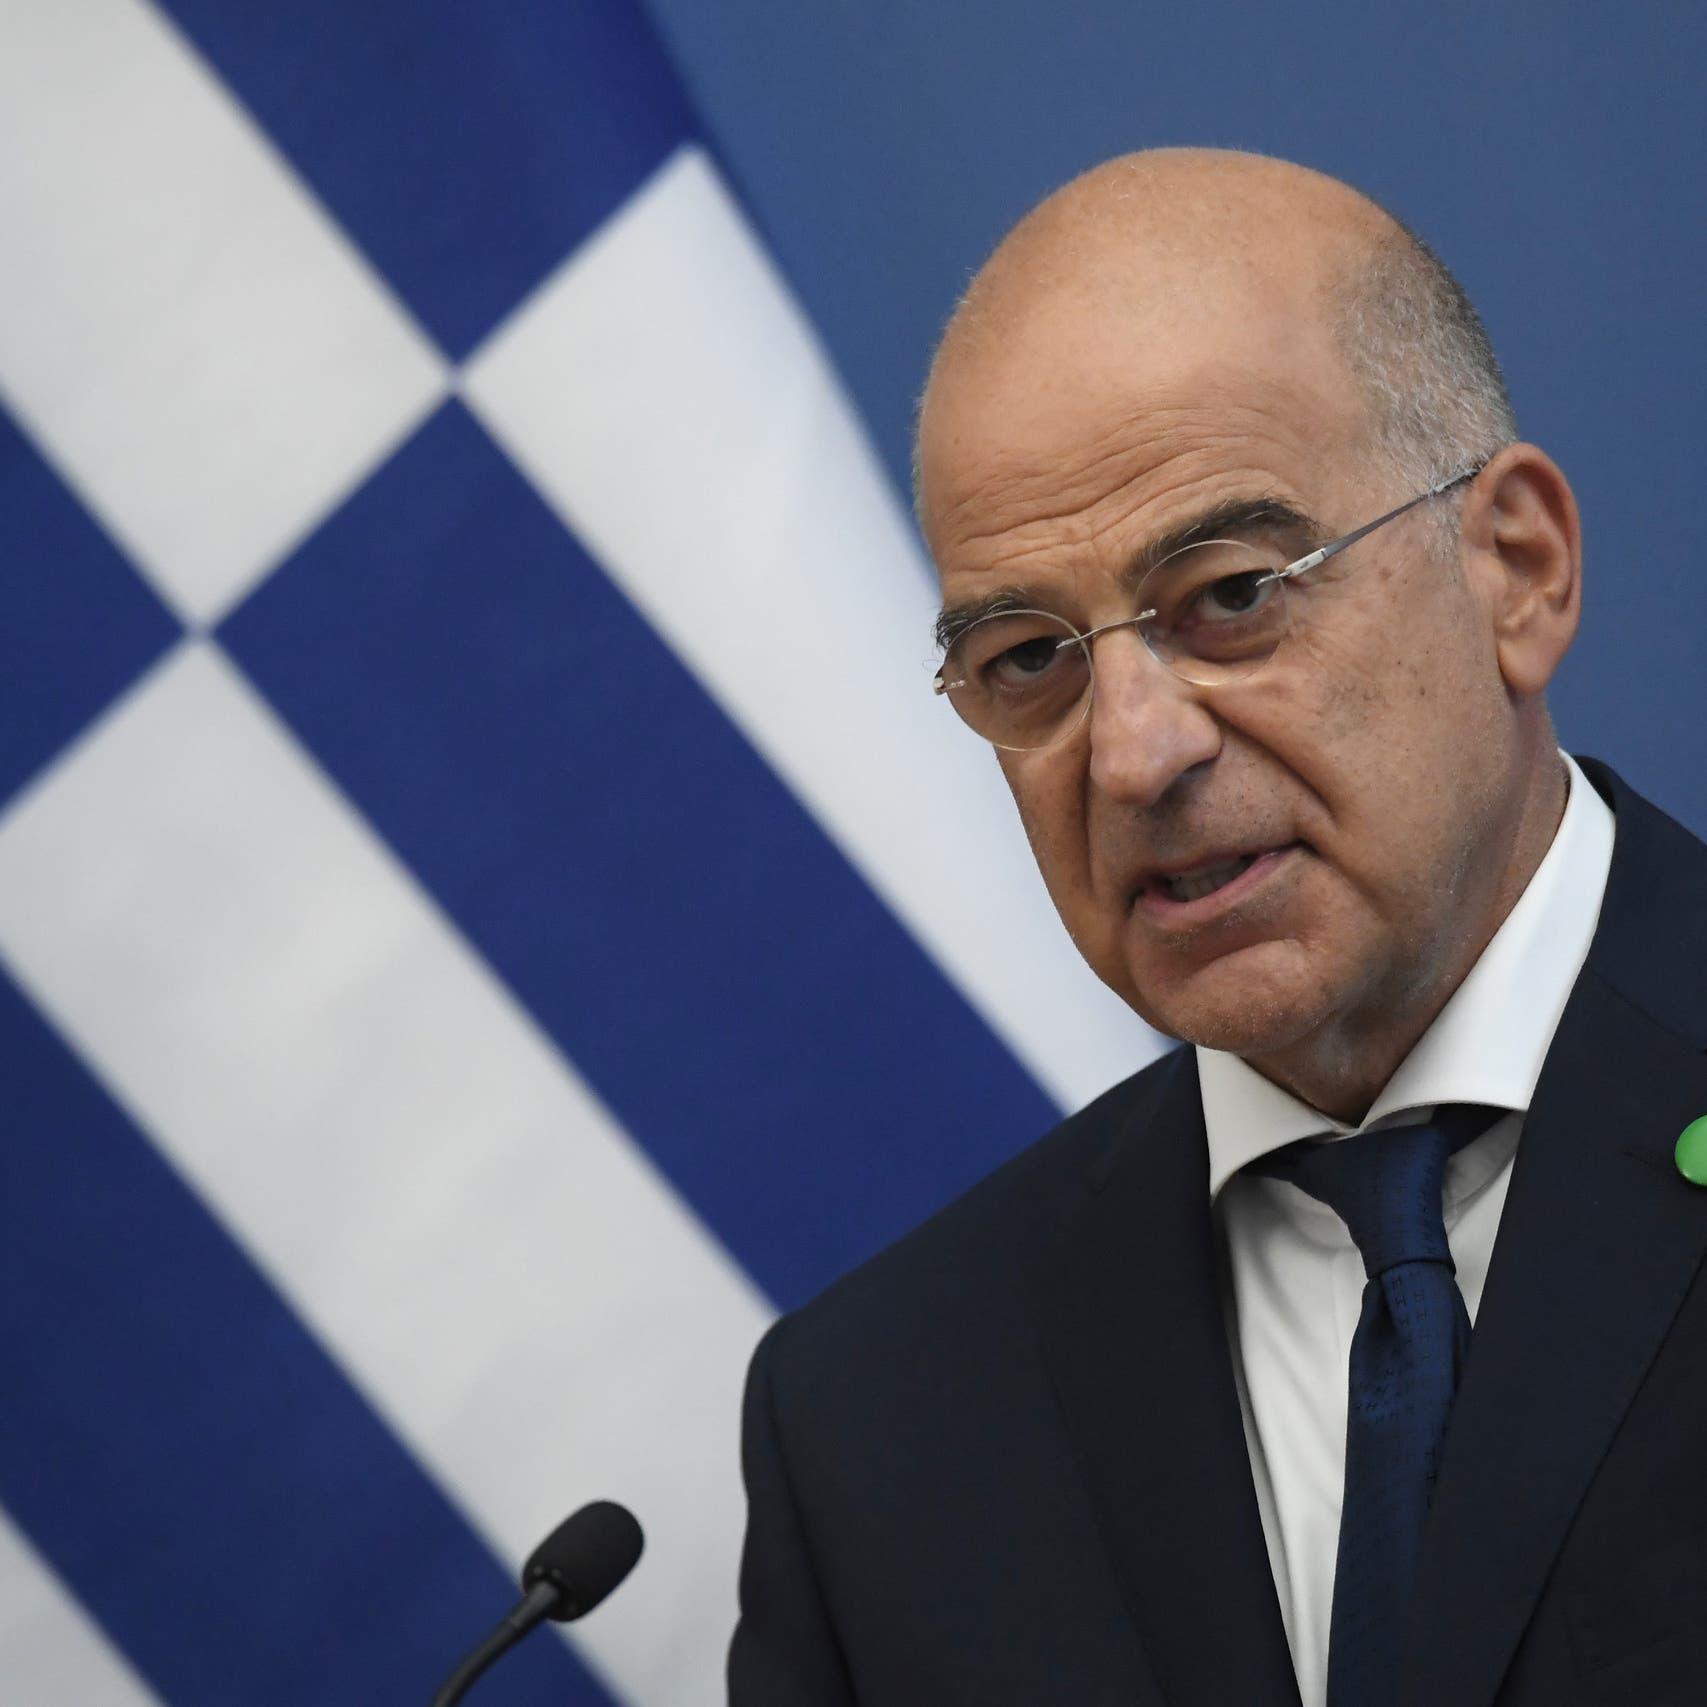 اليونان: تسوية الخلافات مع تركيا صعبةلكنليست مستحيلة